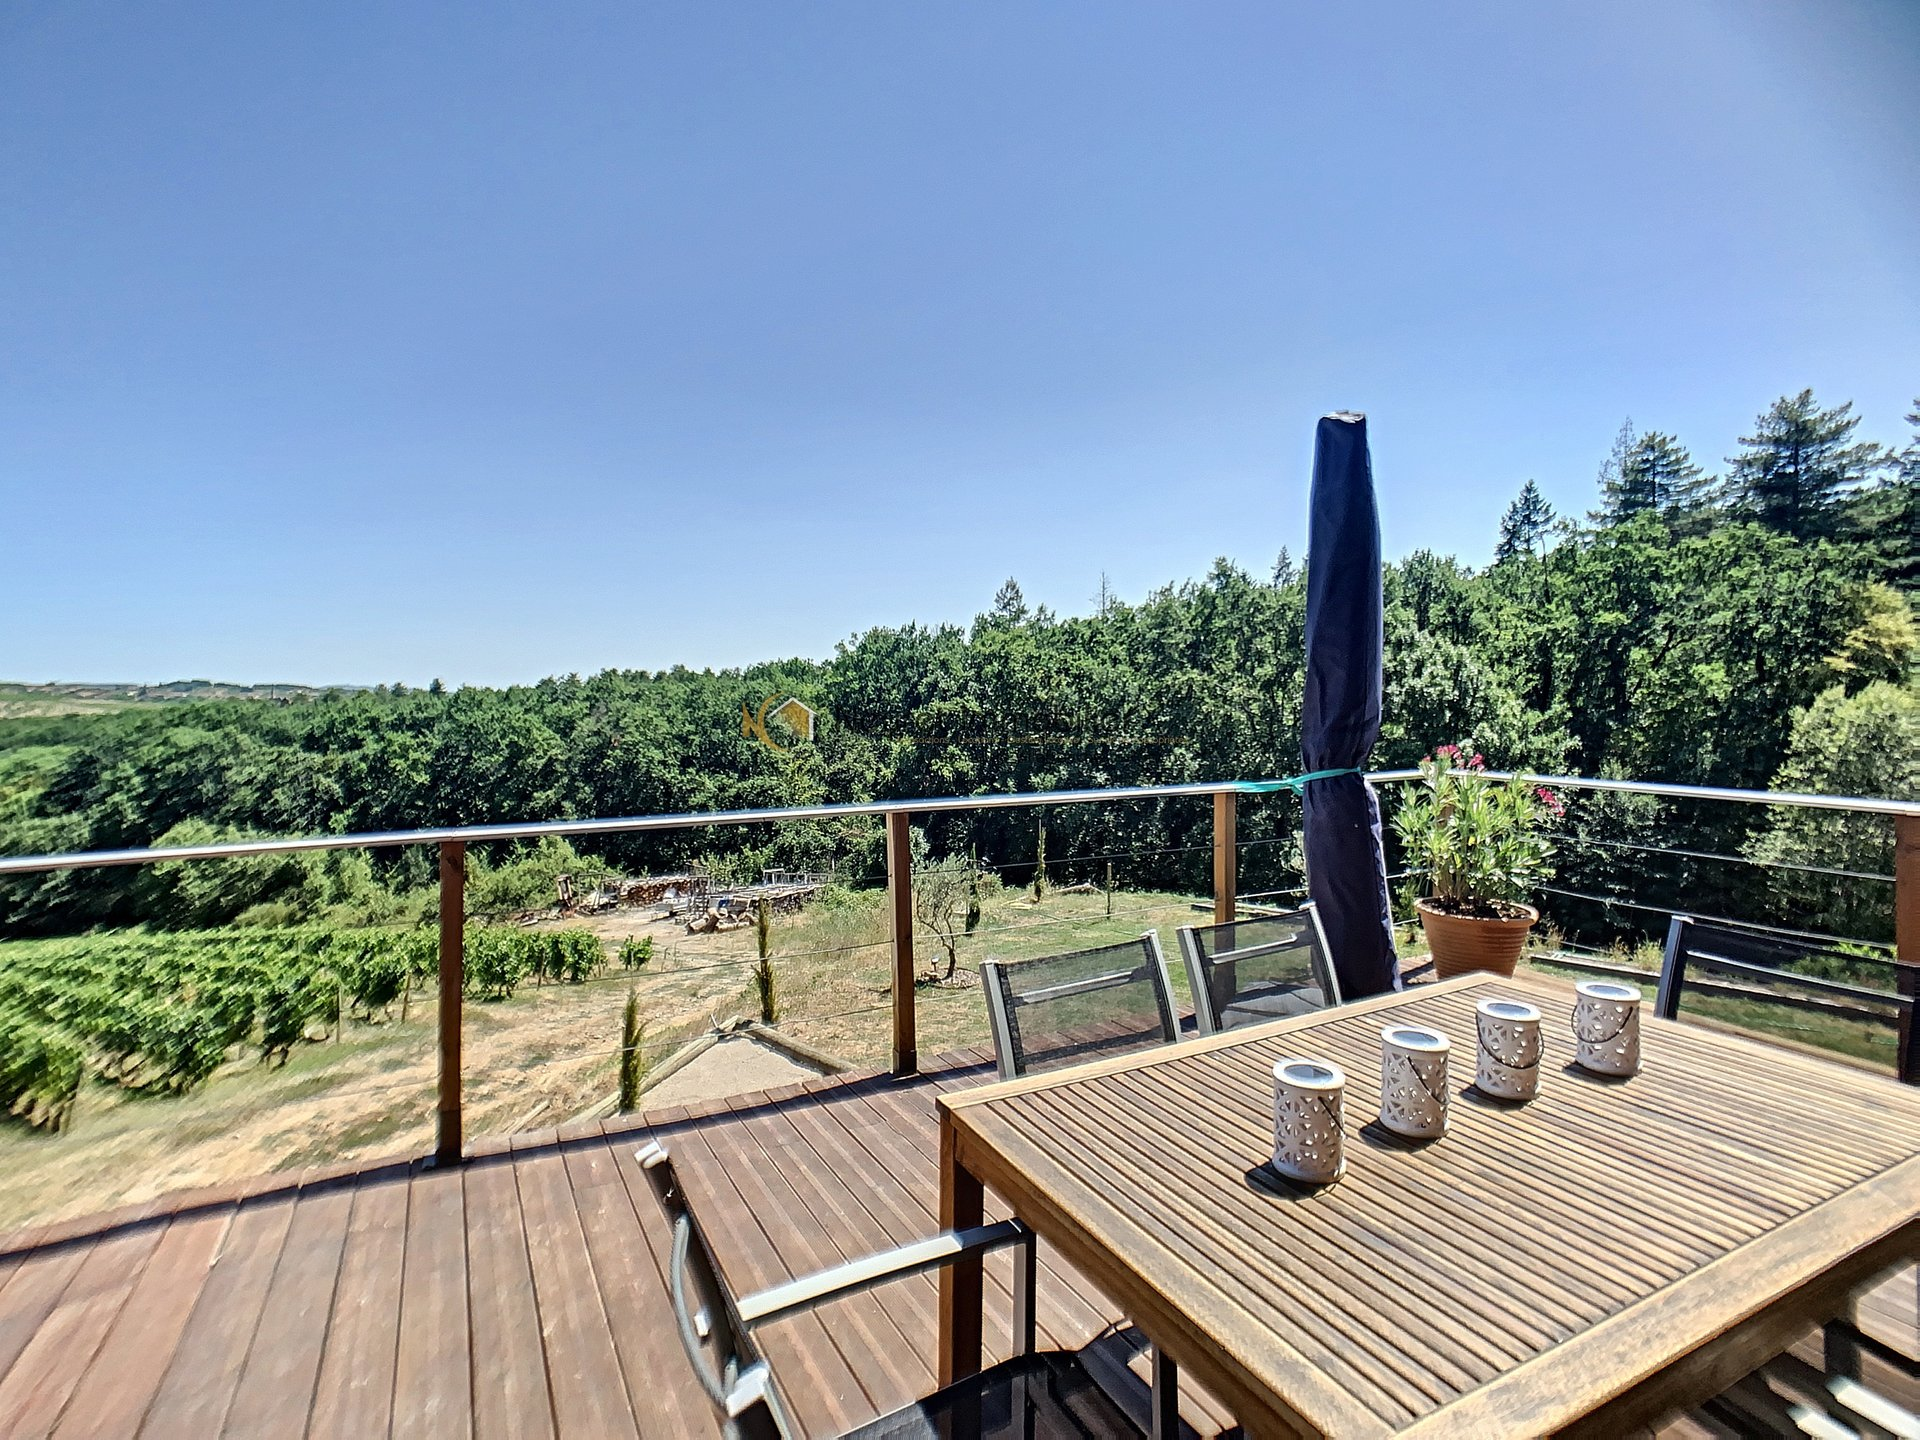 Villa pierres dorées - Bois d'Oingt